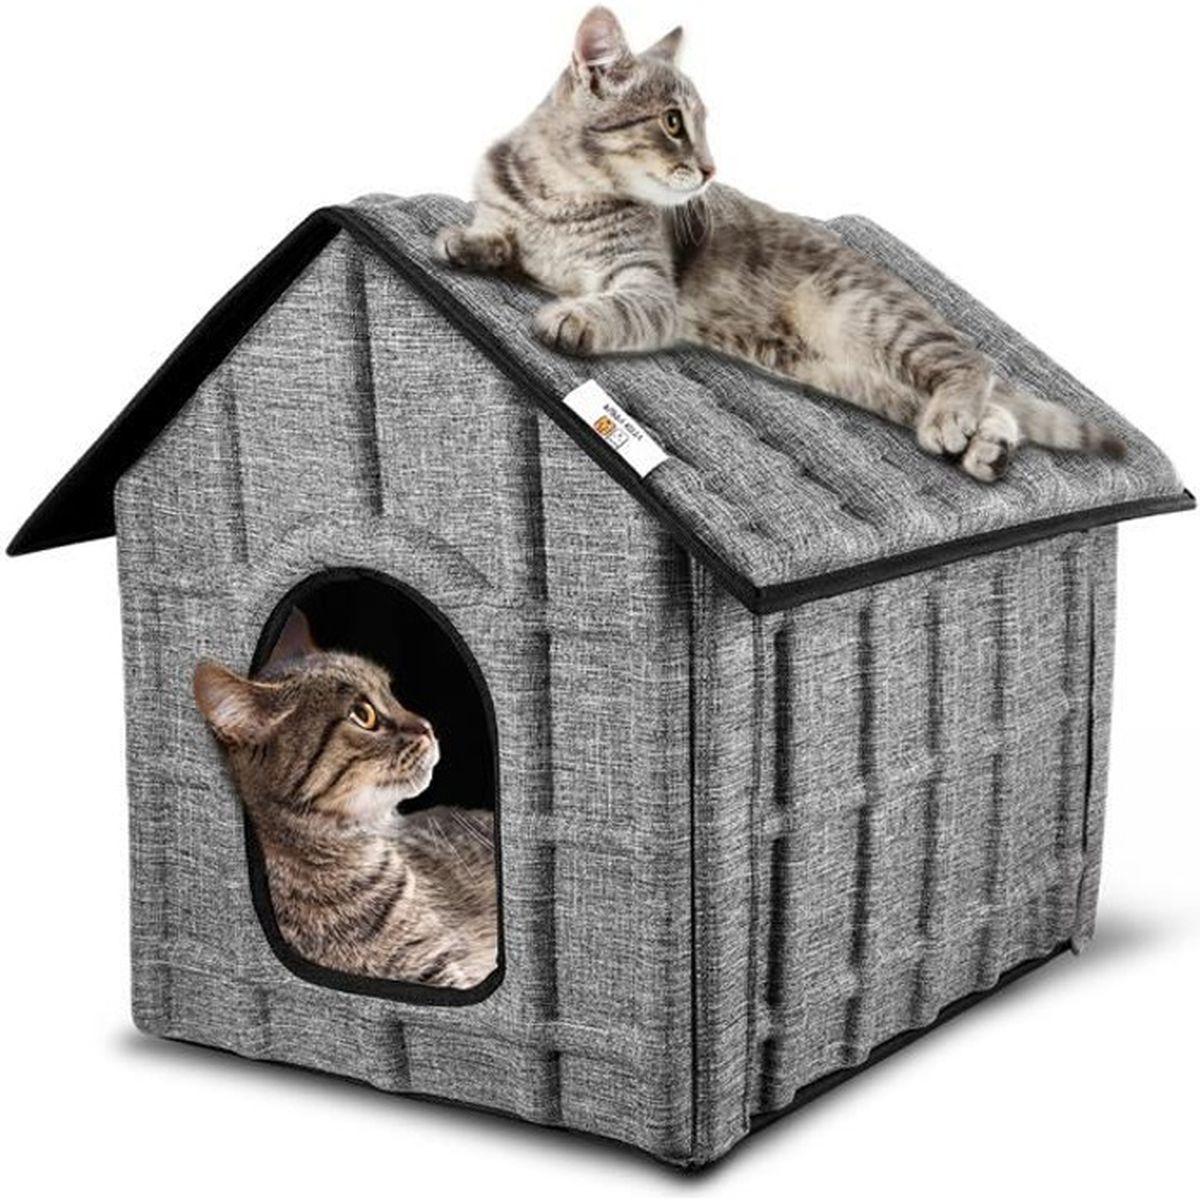 Arbre A Chat A Faire Maison maison pour chat extérieur, puppy kitty hiver chat cabane